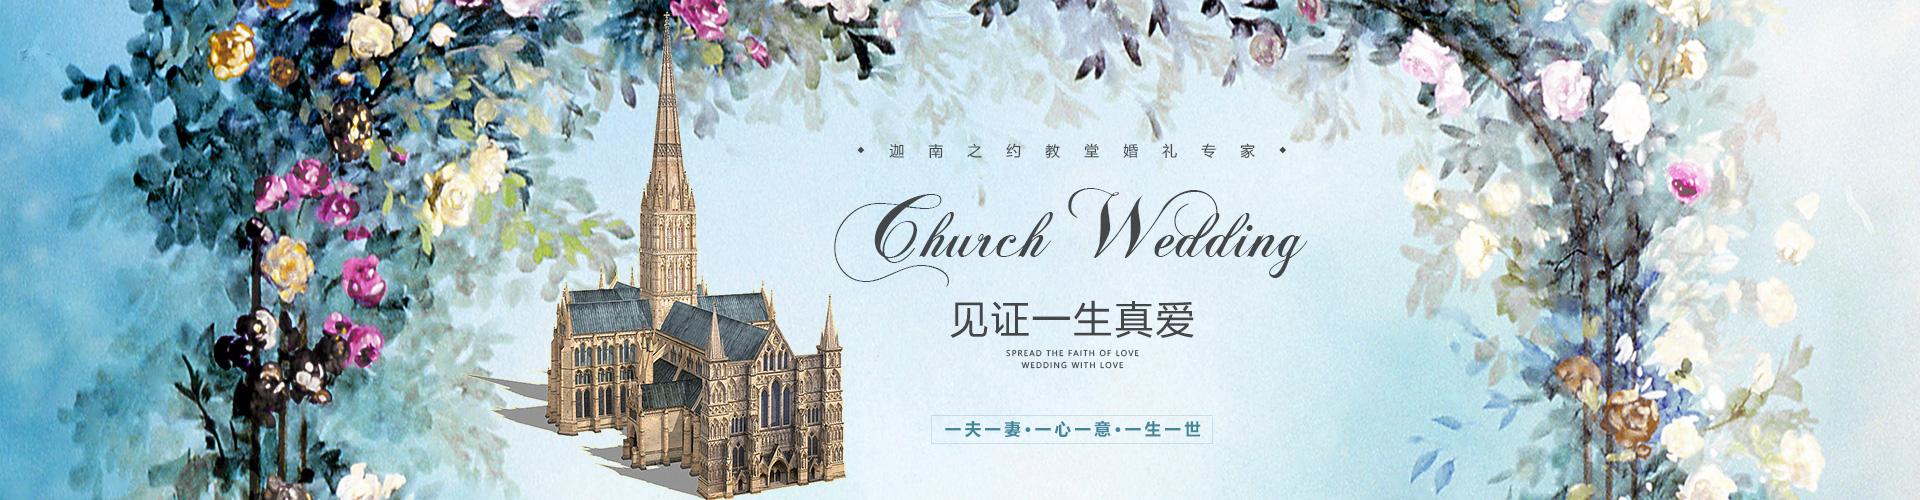 南京教堂婚礼